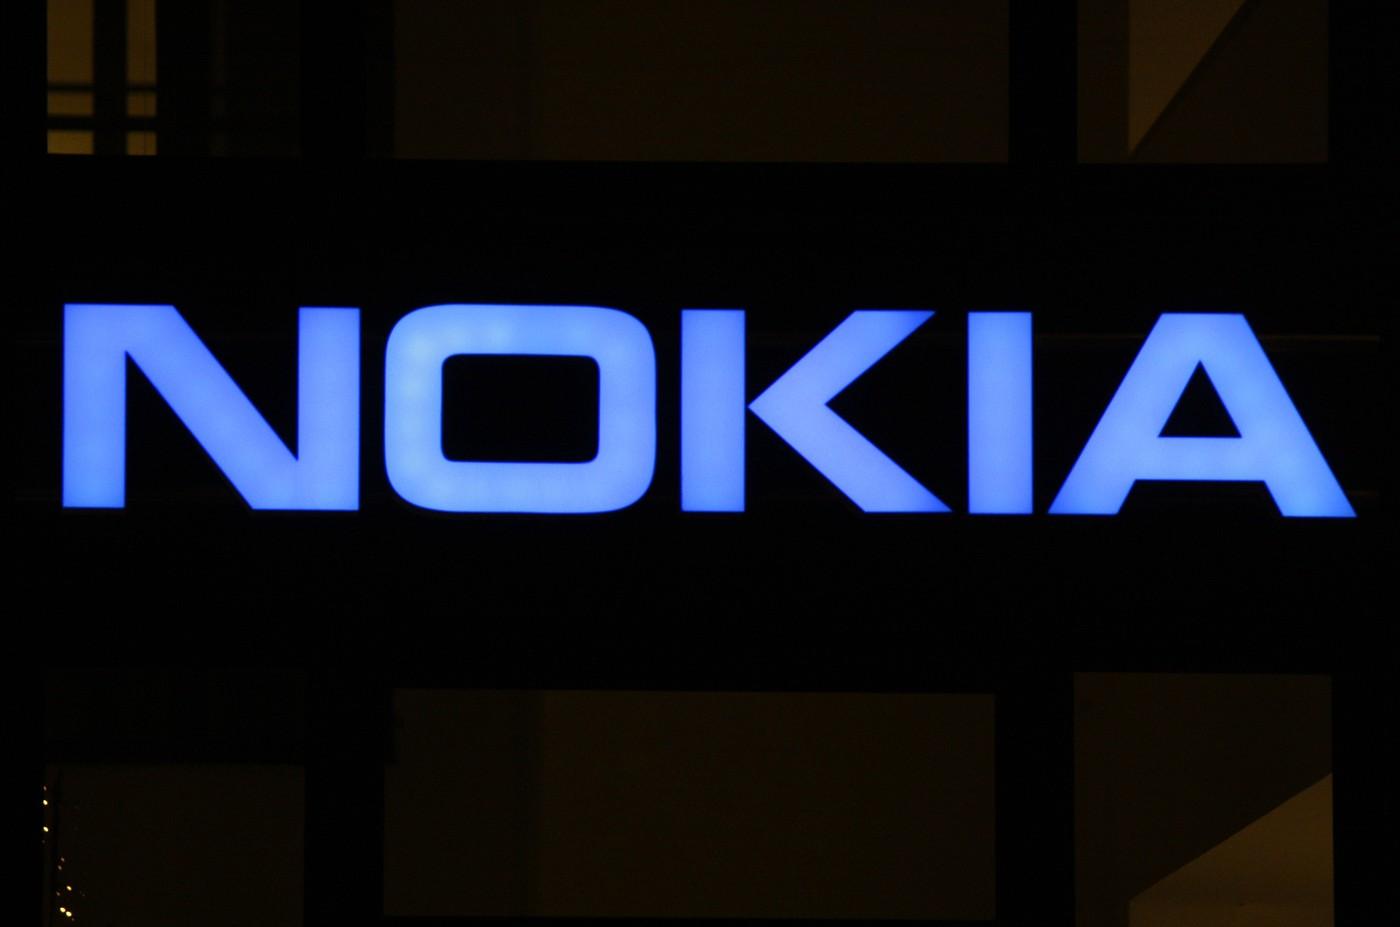 諾基亞手機確定明年回歸,聽聽接手的芬蘭新創HMD怎麼說